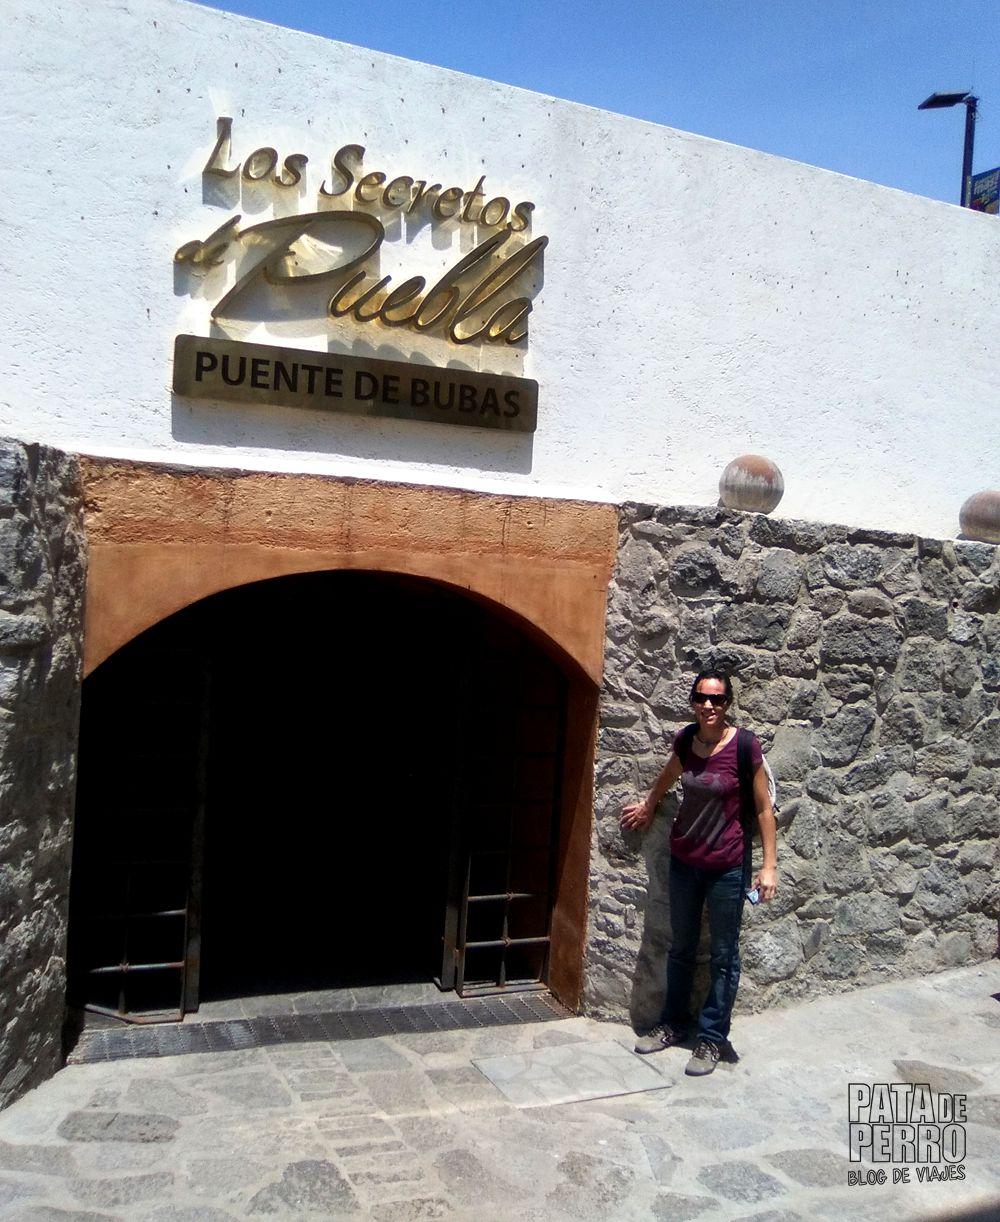 secretos de puebla puente de bubas pata de perro blog de viajes mexico10